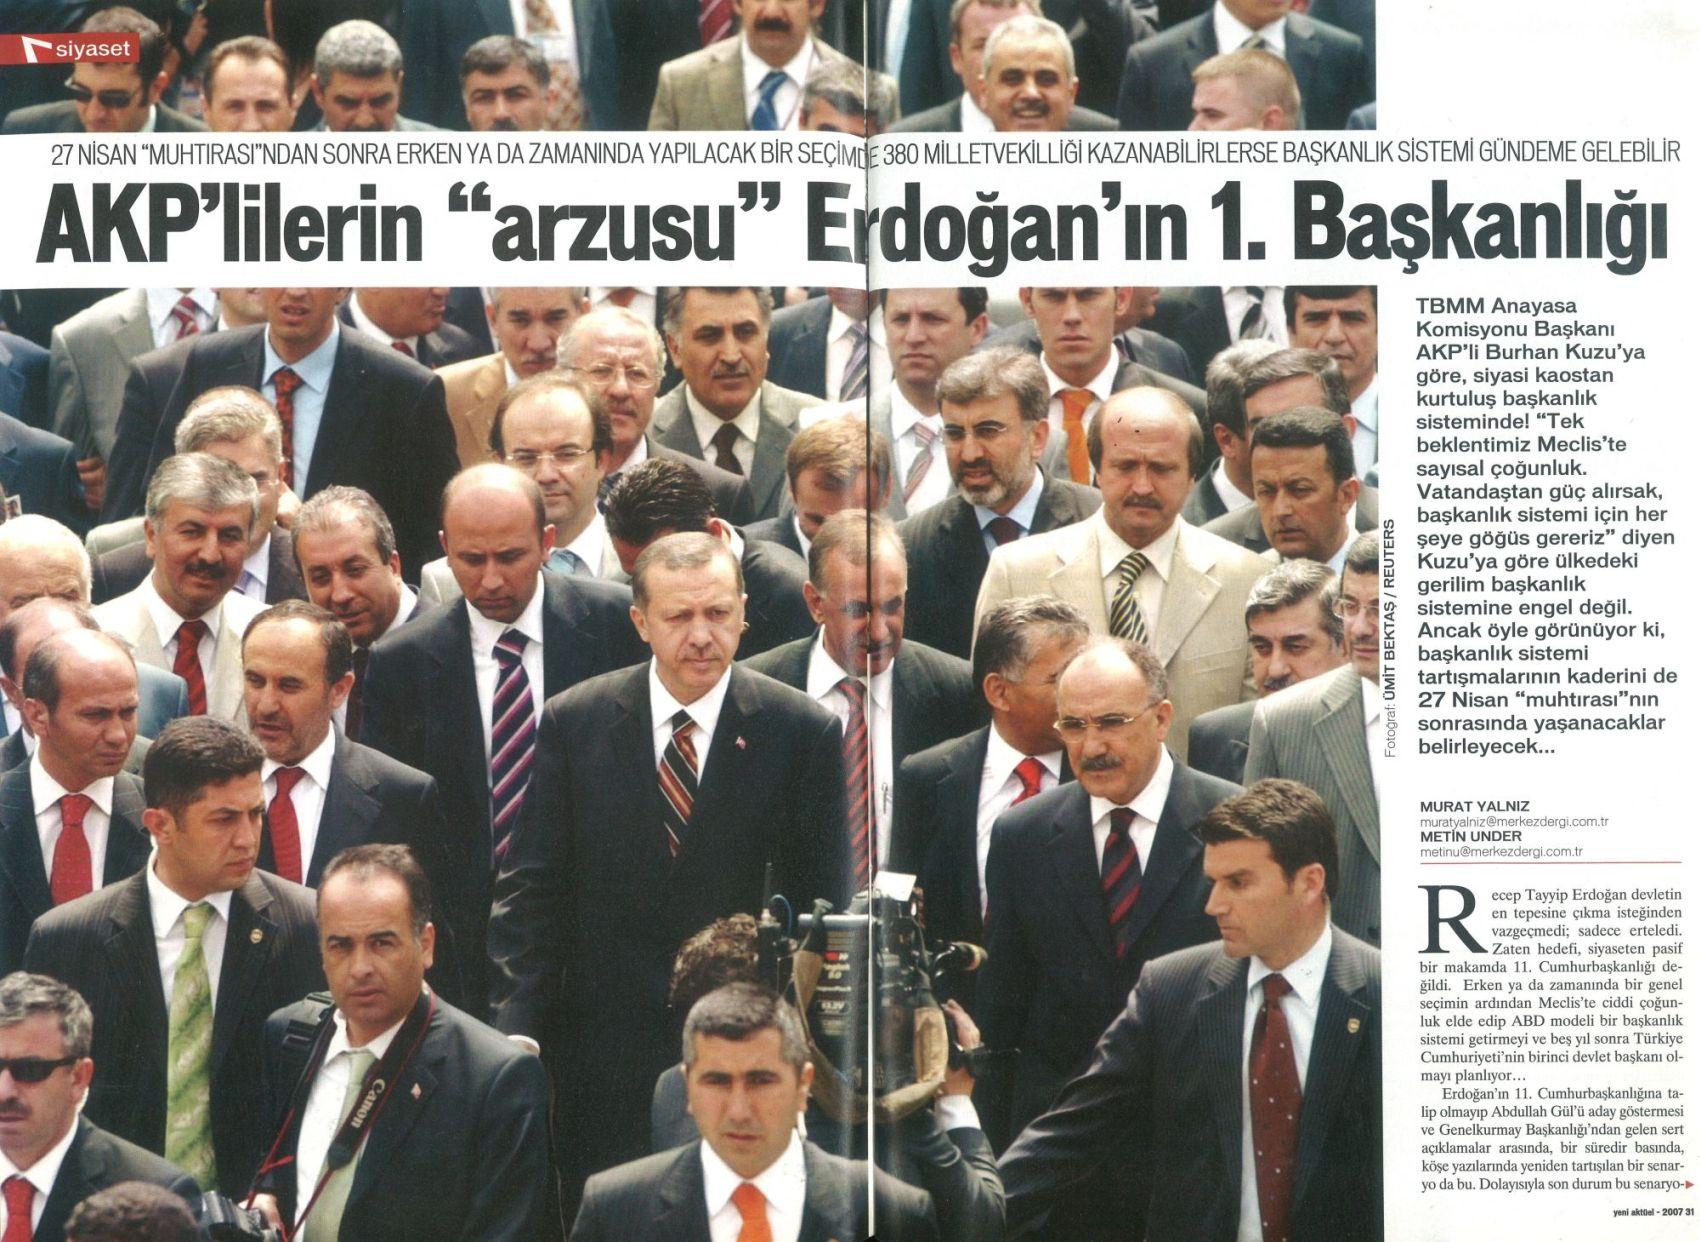 0666-burhan-kuzu-2007-aktuel-dergisi-akp-arzusu-tayyip-erdoganin-baskan-olmasi (3)